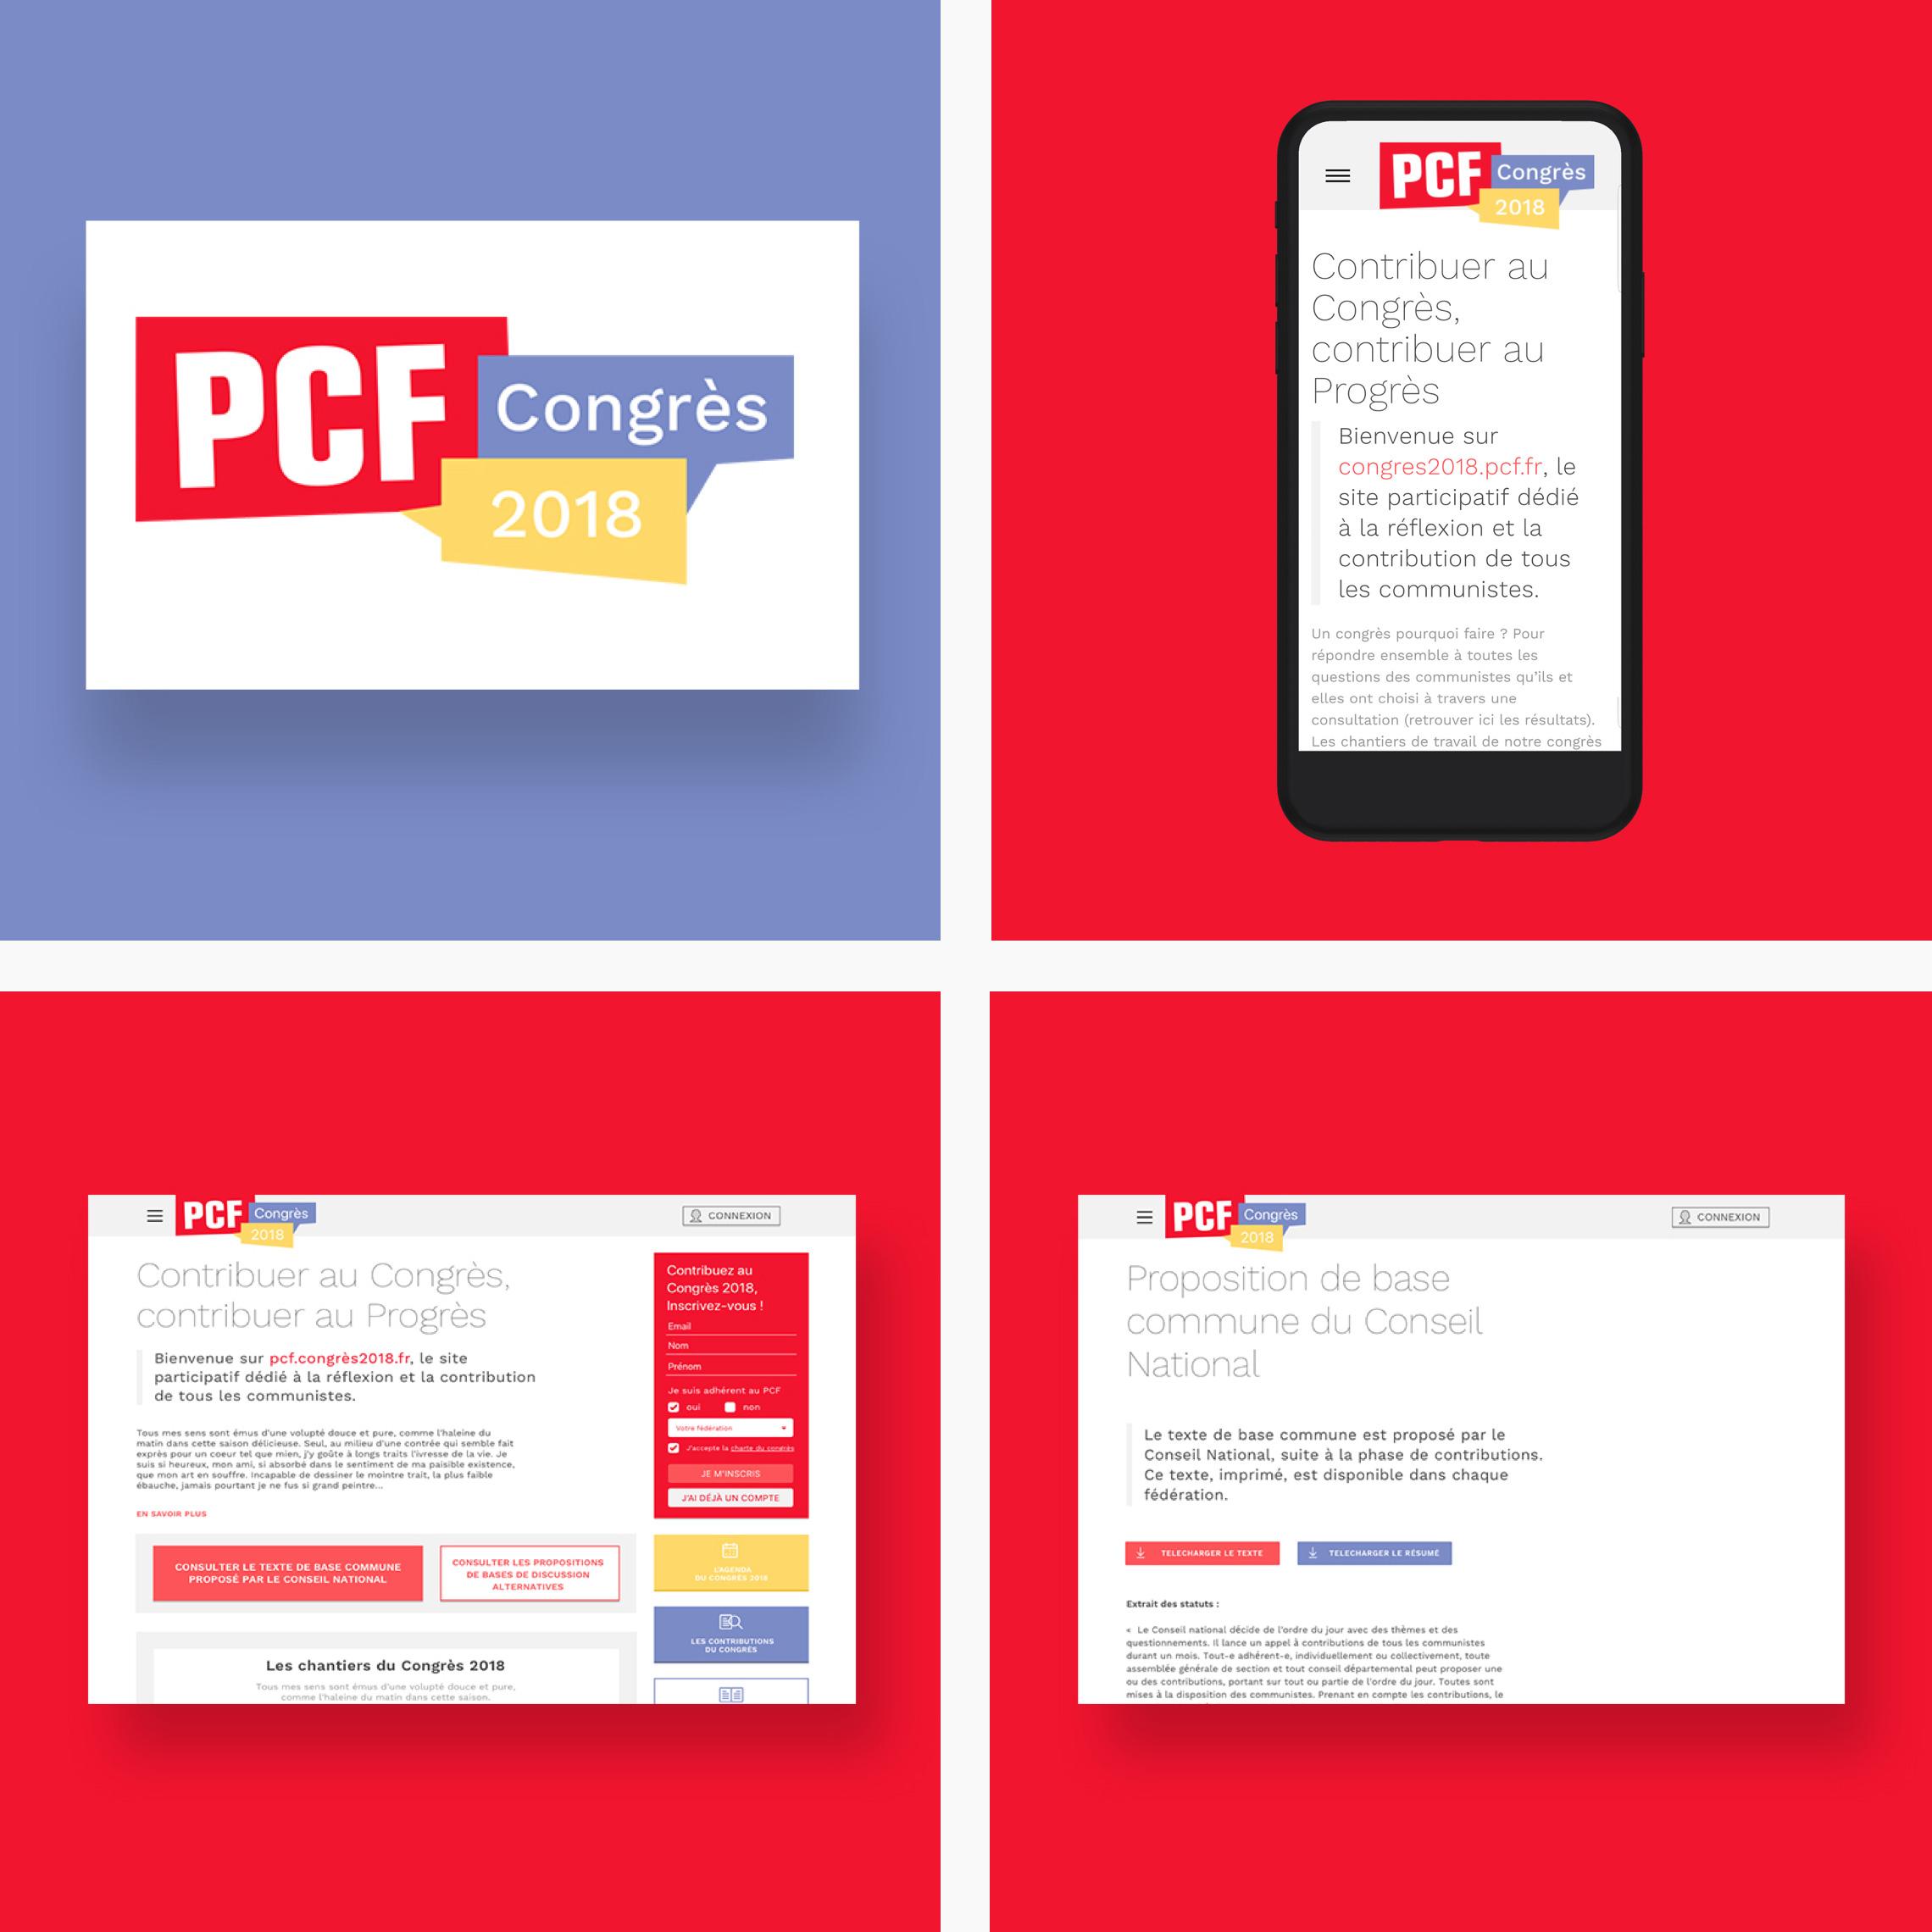 Plateforme participative d'une Congrès politique